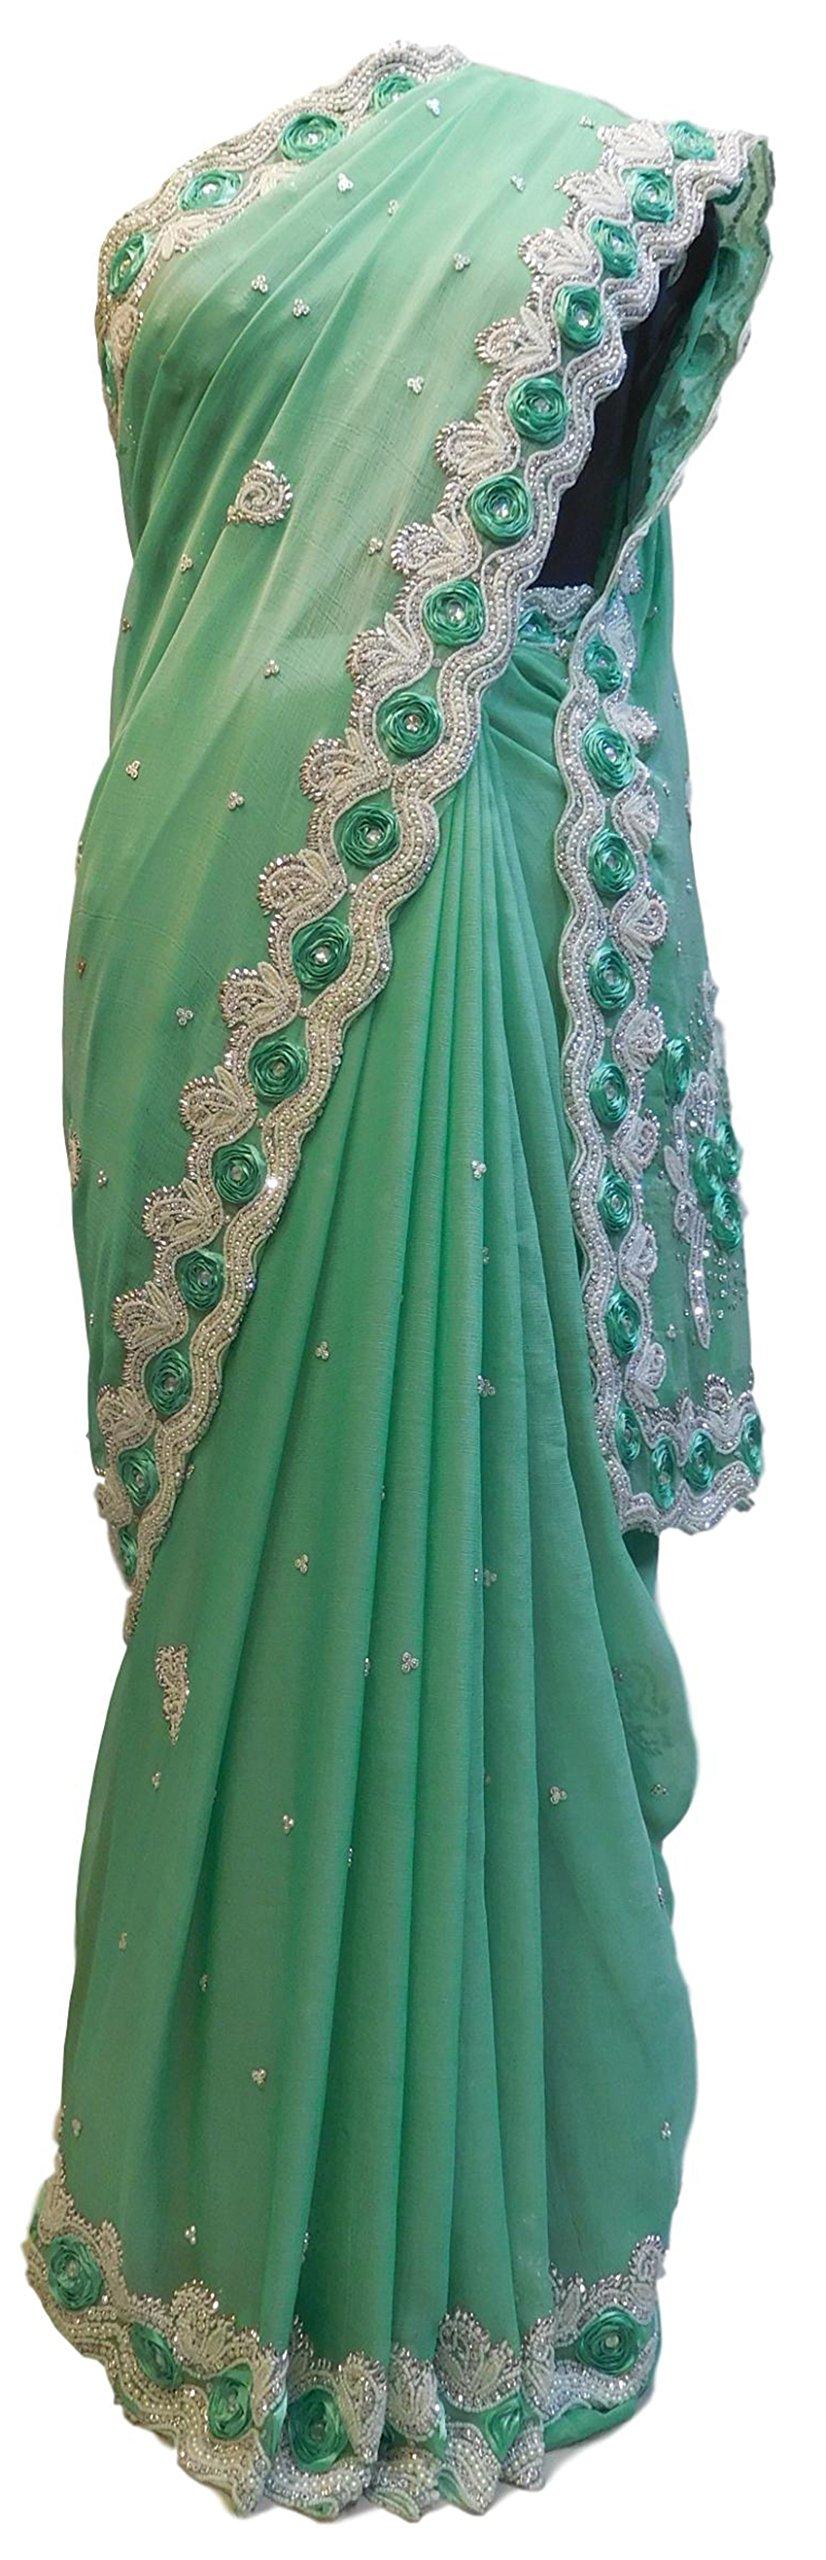 SMSAREE Green Designer Bridal PartyWear Georgette Thread Beads Stone Work Wedding Cutdwork Border Saree Sari E011